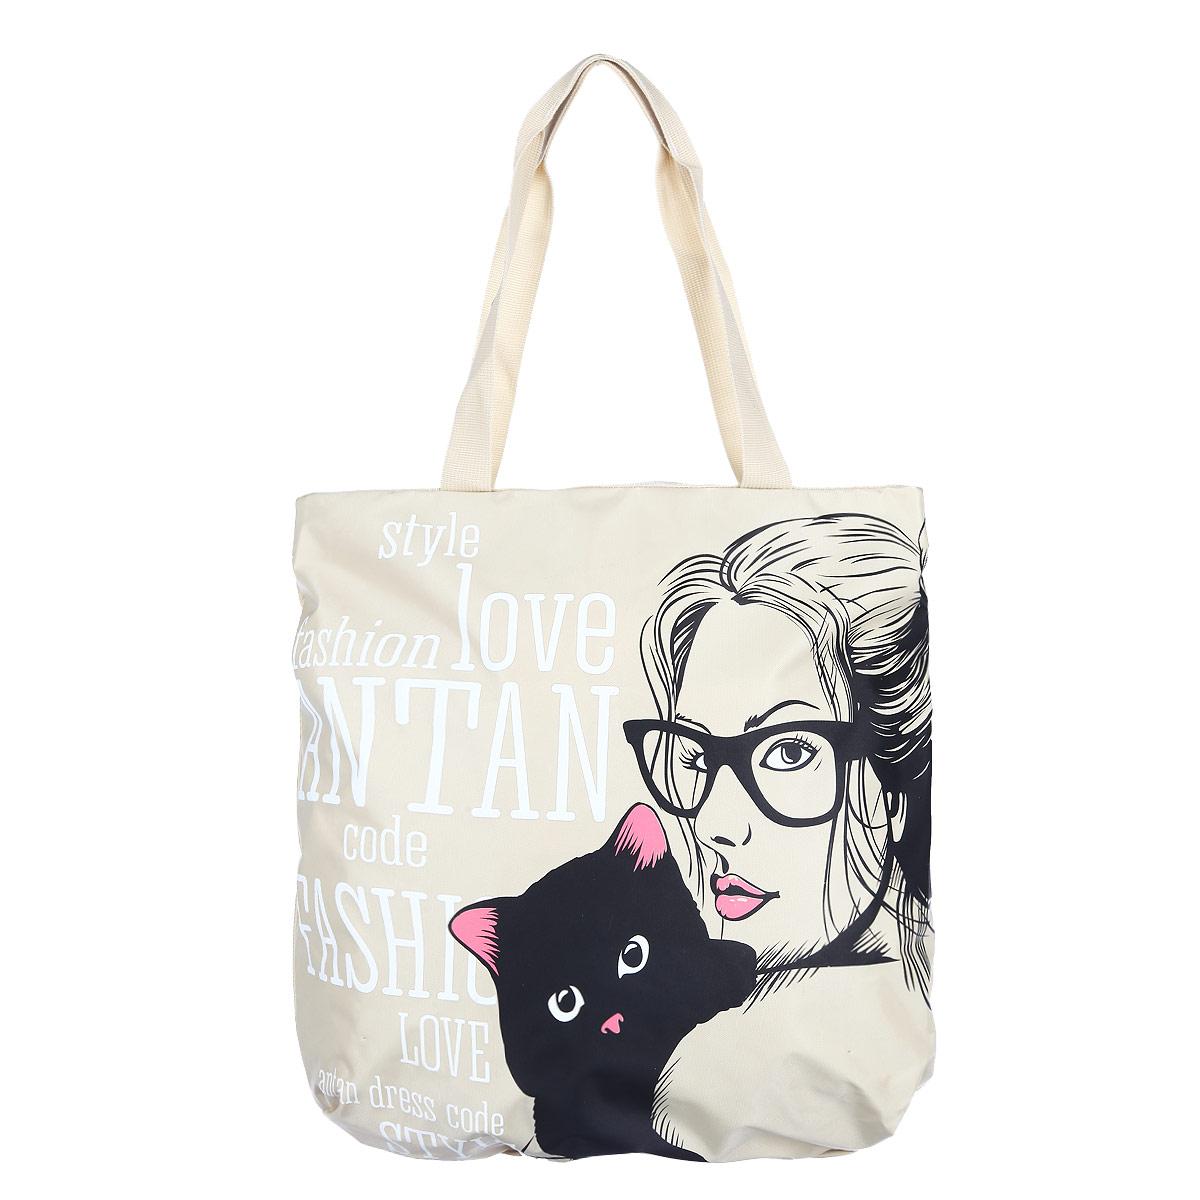 Сумка женская Antan Black cat, цвет: бежевый. 1-112S76245Стильная сумка Antan выполнена из плотного капровинила и оформлена принтом с изображением девушки с кошкой и различными надписями. Сумка имеет одно вместительное отделение, закрывающееся на застежку-молнию. Внутри - нашивной карман на молнии. Сумка оснащена двумя удобными ручками из текстиля, позволяющими носить ее на плече.Такая сумка будет незаменима при походе на пляж или для загородной прогулки.